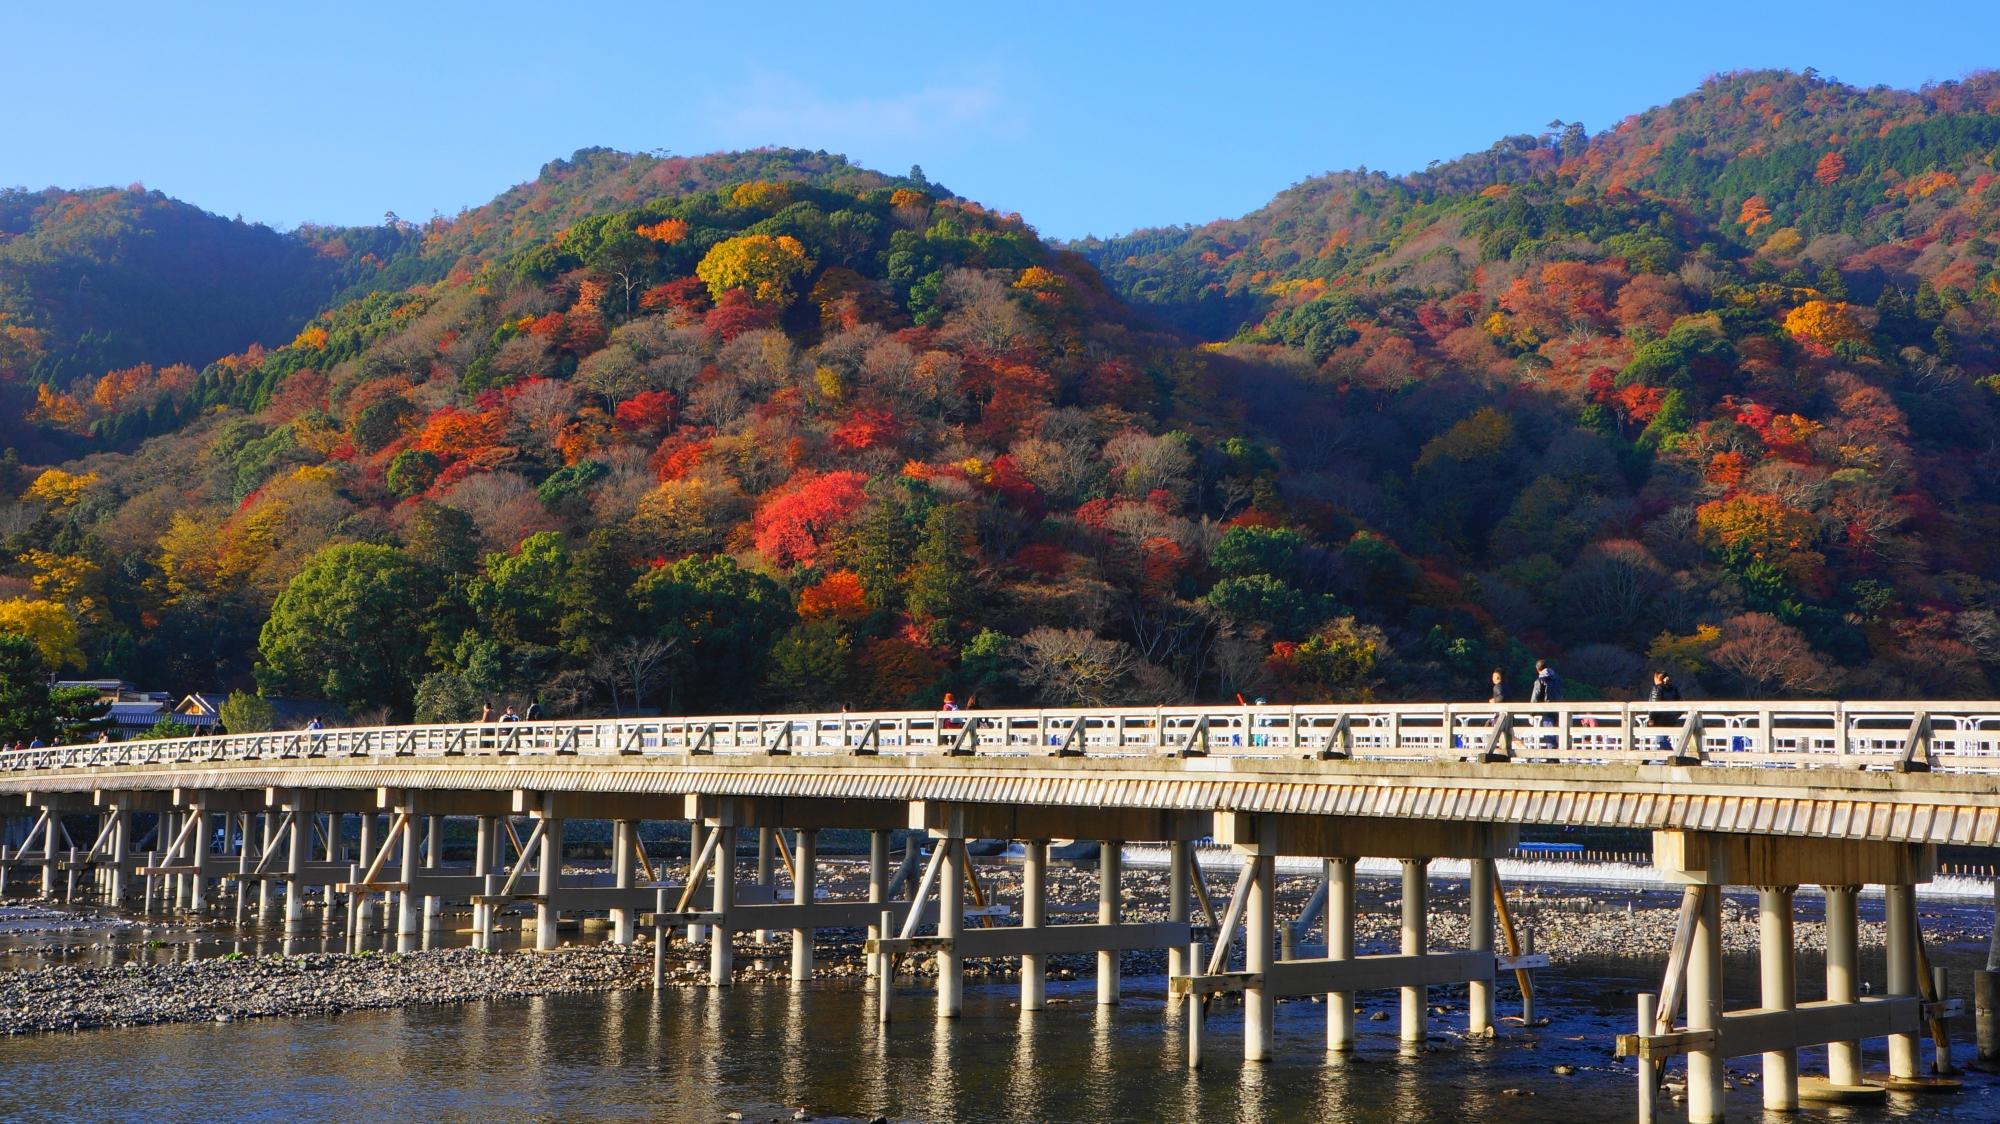 渡月橋の向こうで華やぐ多彩な秋色の嵐山